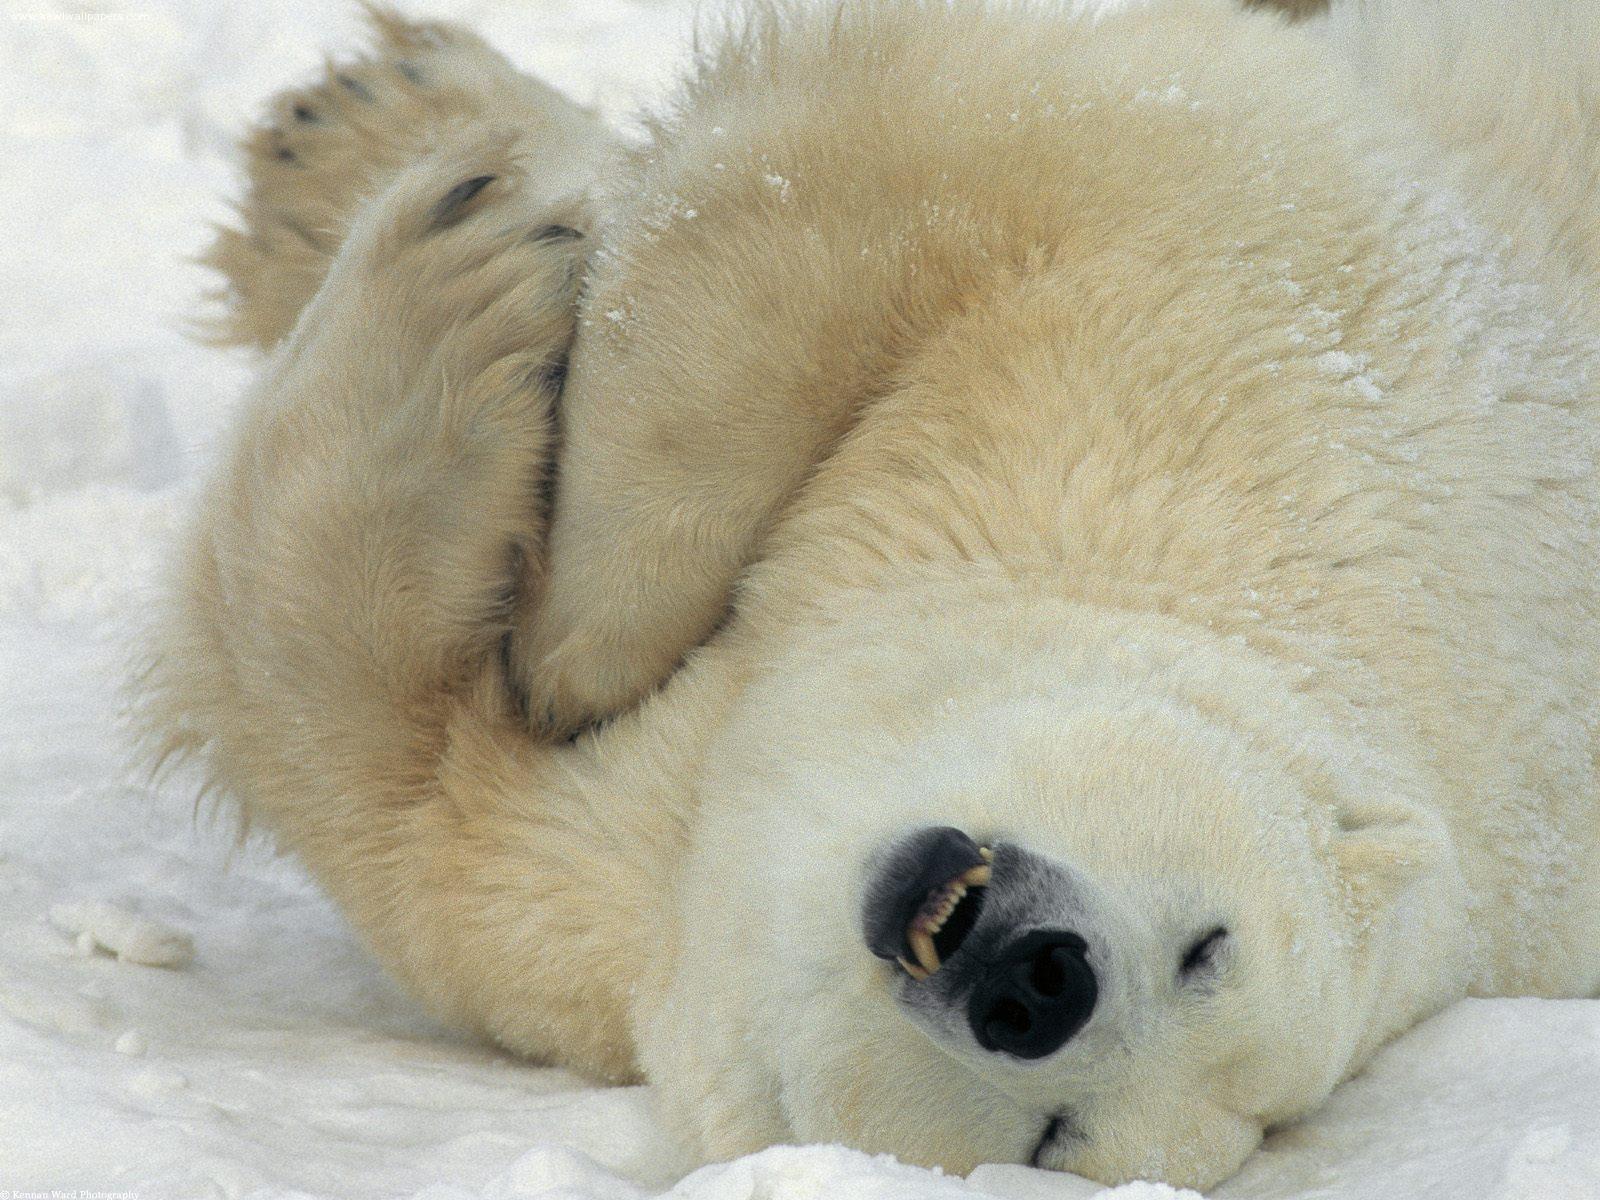 http://yogi.y.o.pic.centerblog.net/o/dfaadd9a.jpg